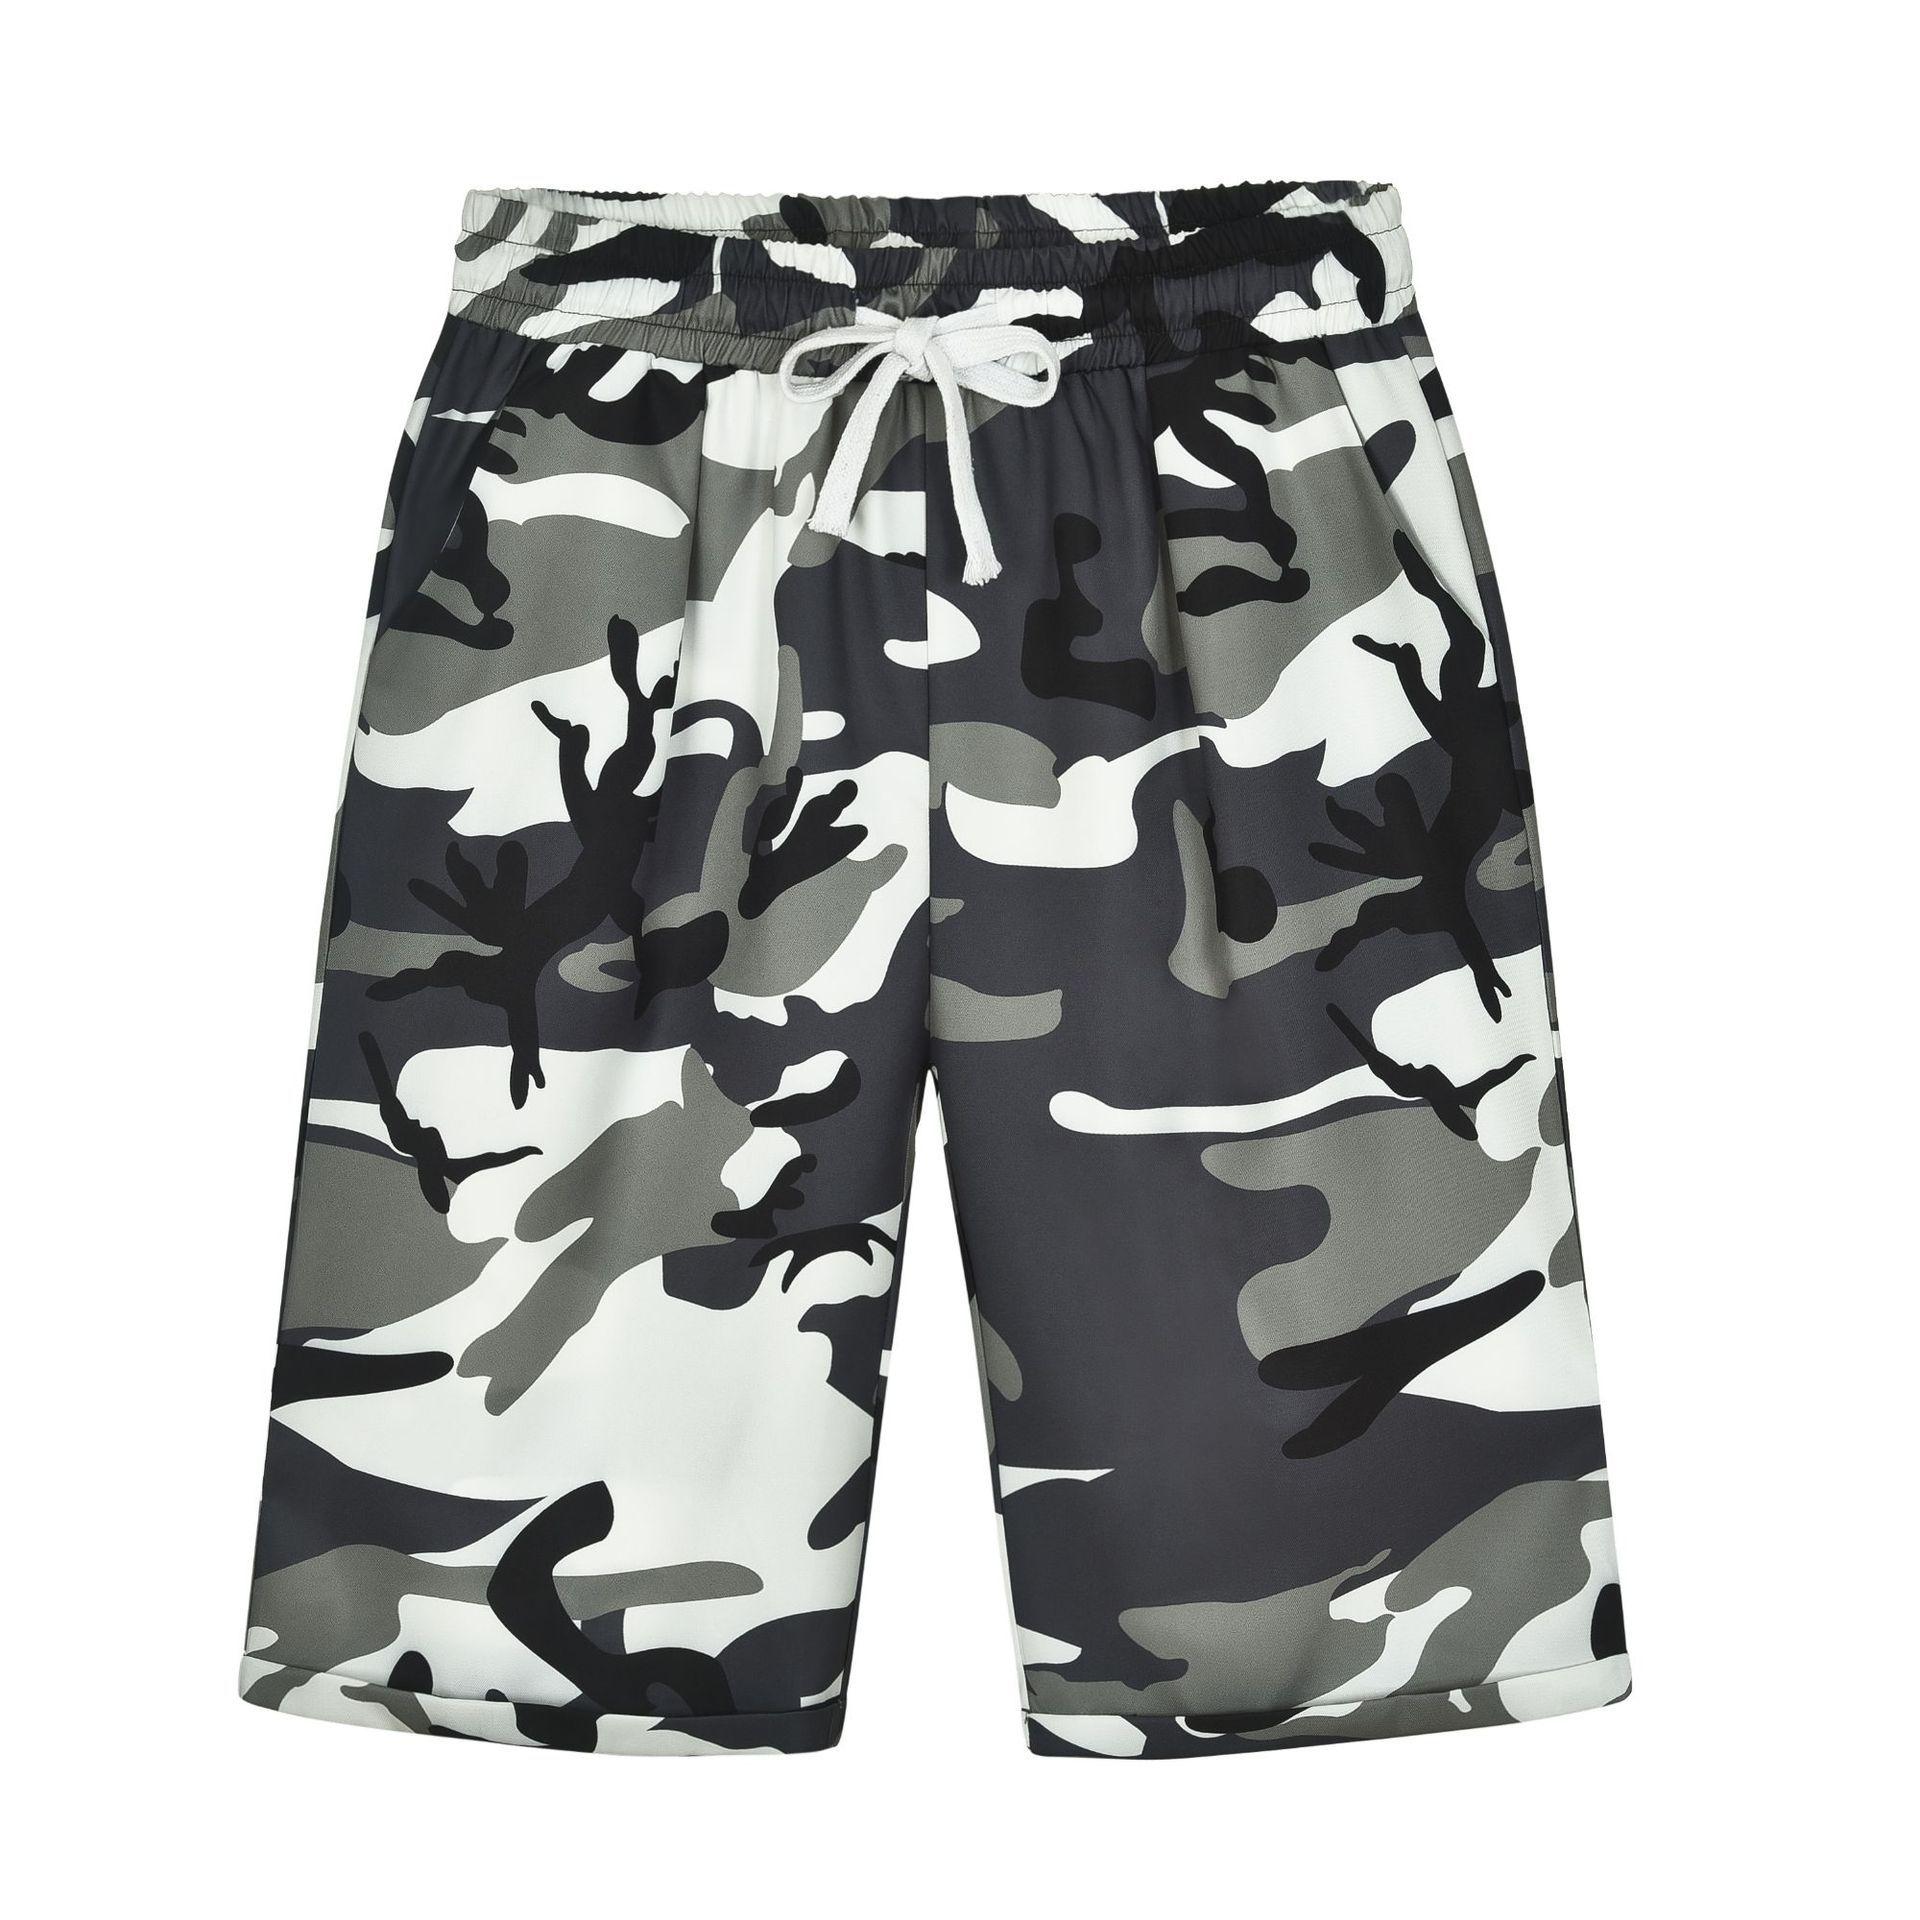 Women   Pants   Camouflage Short   Pants   Knee Lenth Straight   Capris   Casual Elastic Waist Loose Femme Trousers Beach Cotton Camo   Pants